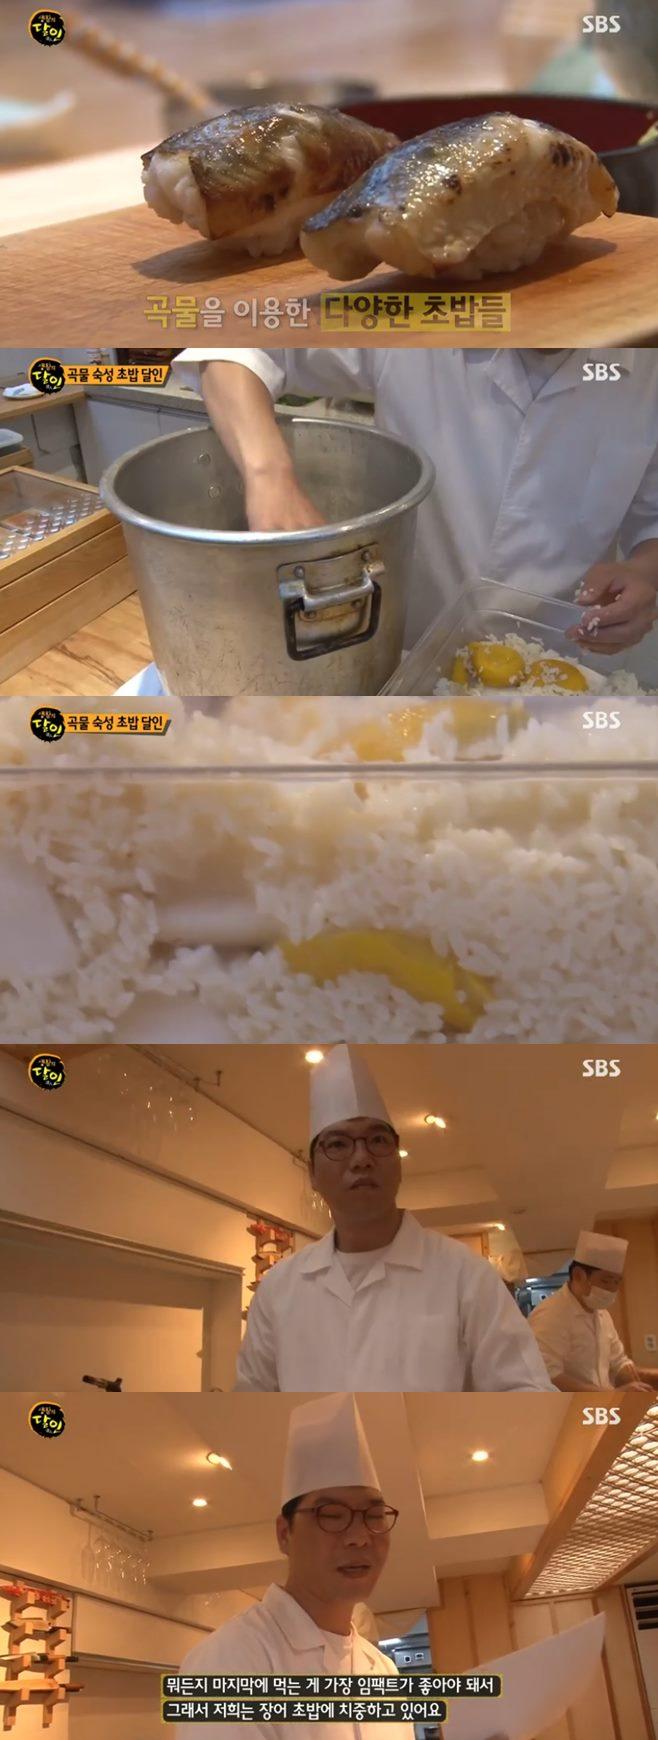 생활의 달인 땡초김밥 지짐 떡볶이 달인 케이트분식당 펑곡 달인 장어초밥 곡물 숙성 초밥 달인 스시카이 맛집